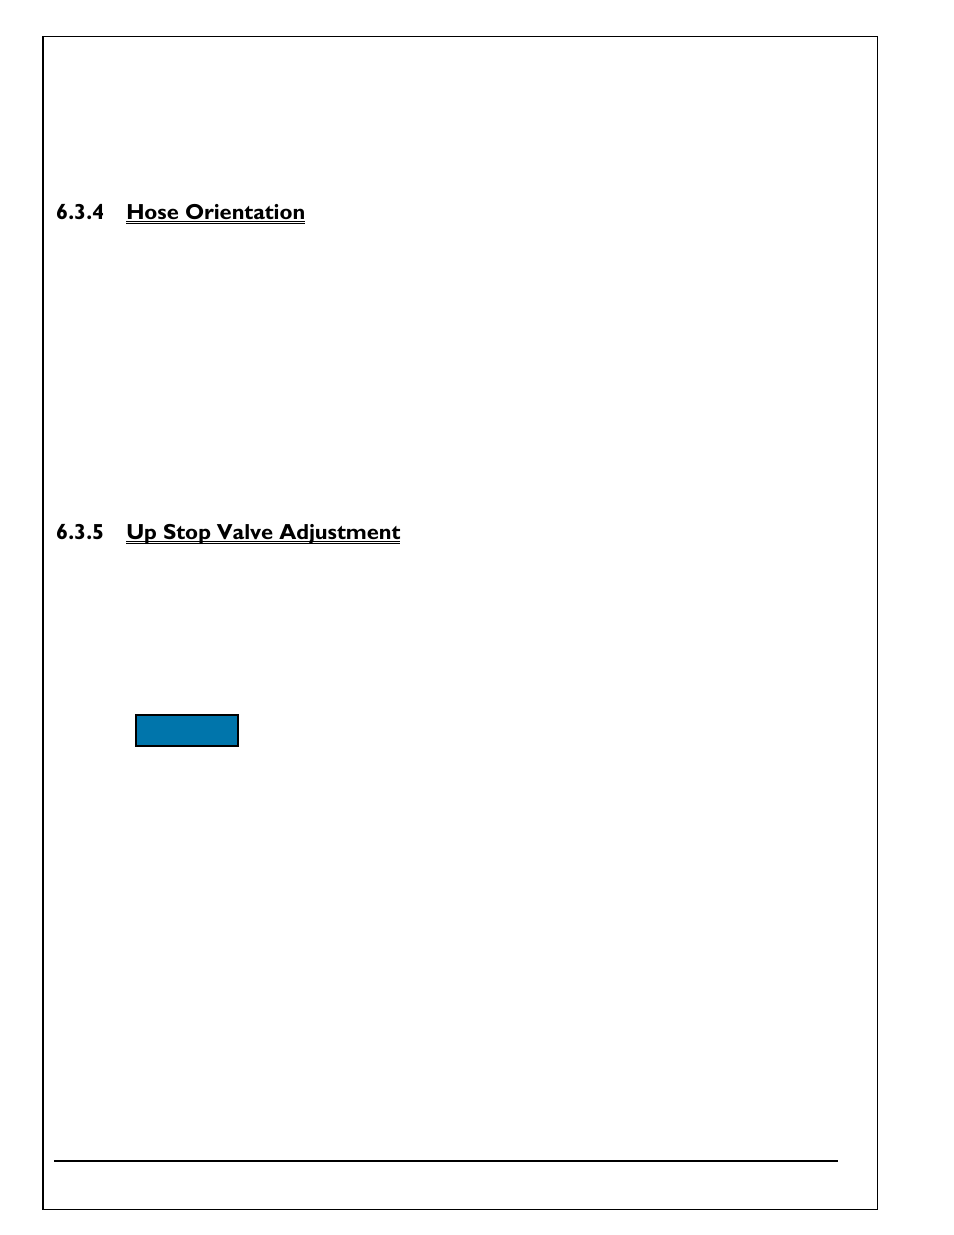 4 hose orientation, 5 up stop valve adjustment, Hose orientation | Up stop  valve